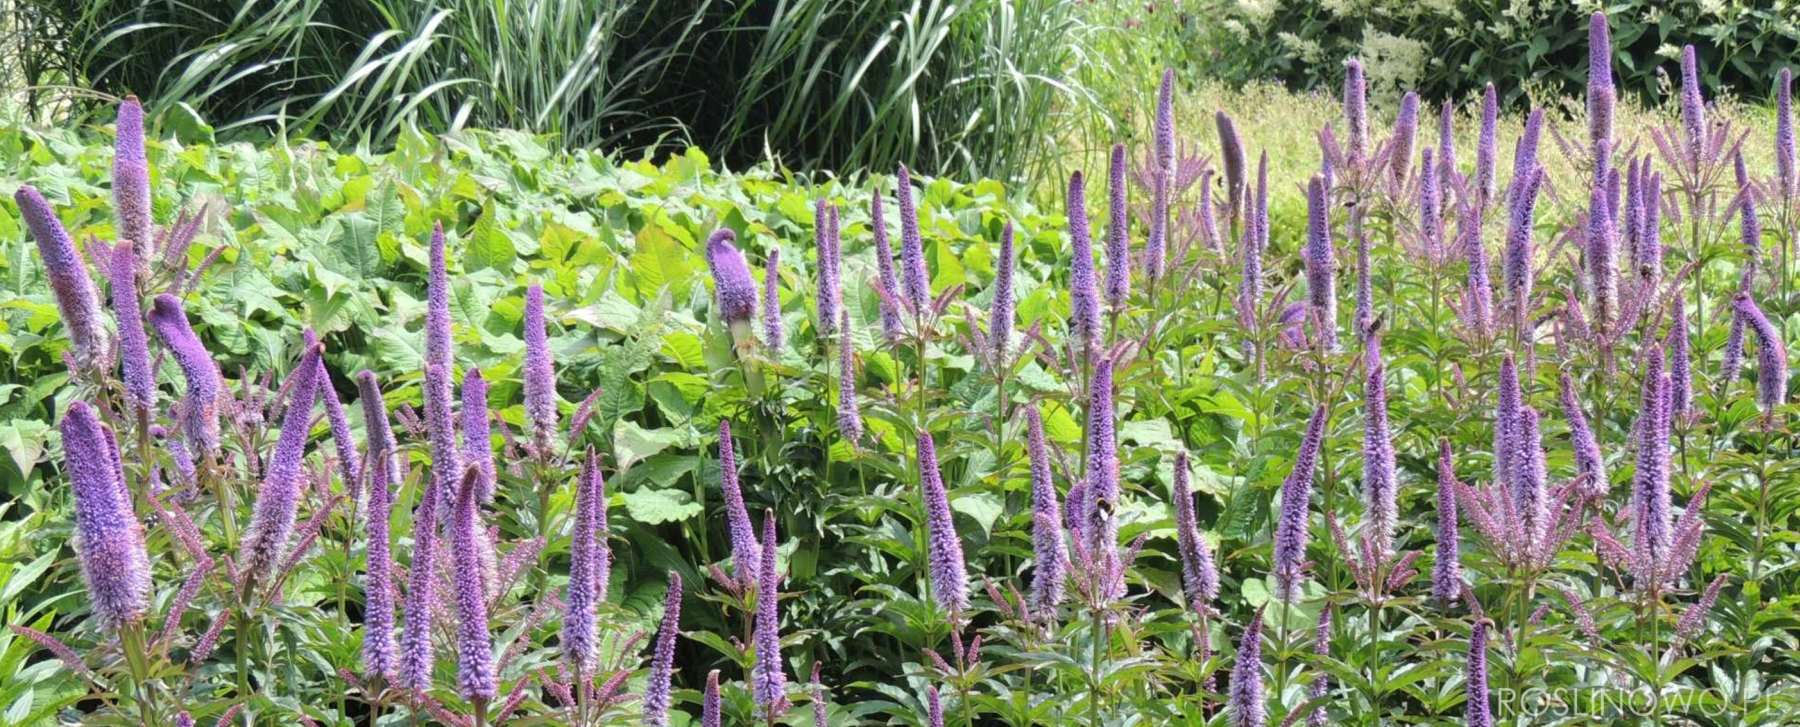 Przetacznik wirginijski imponująca bylina kwitnąca w lecie